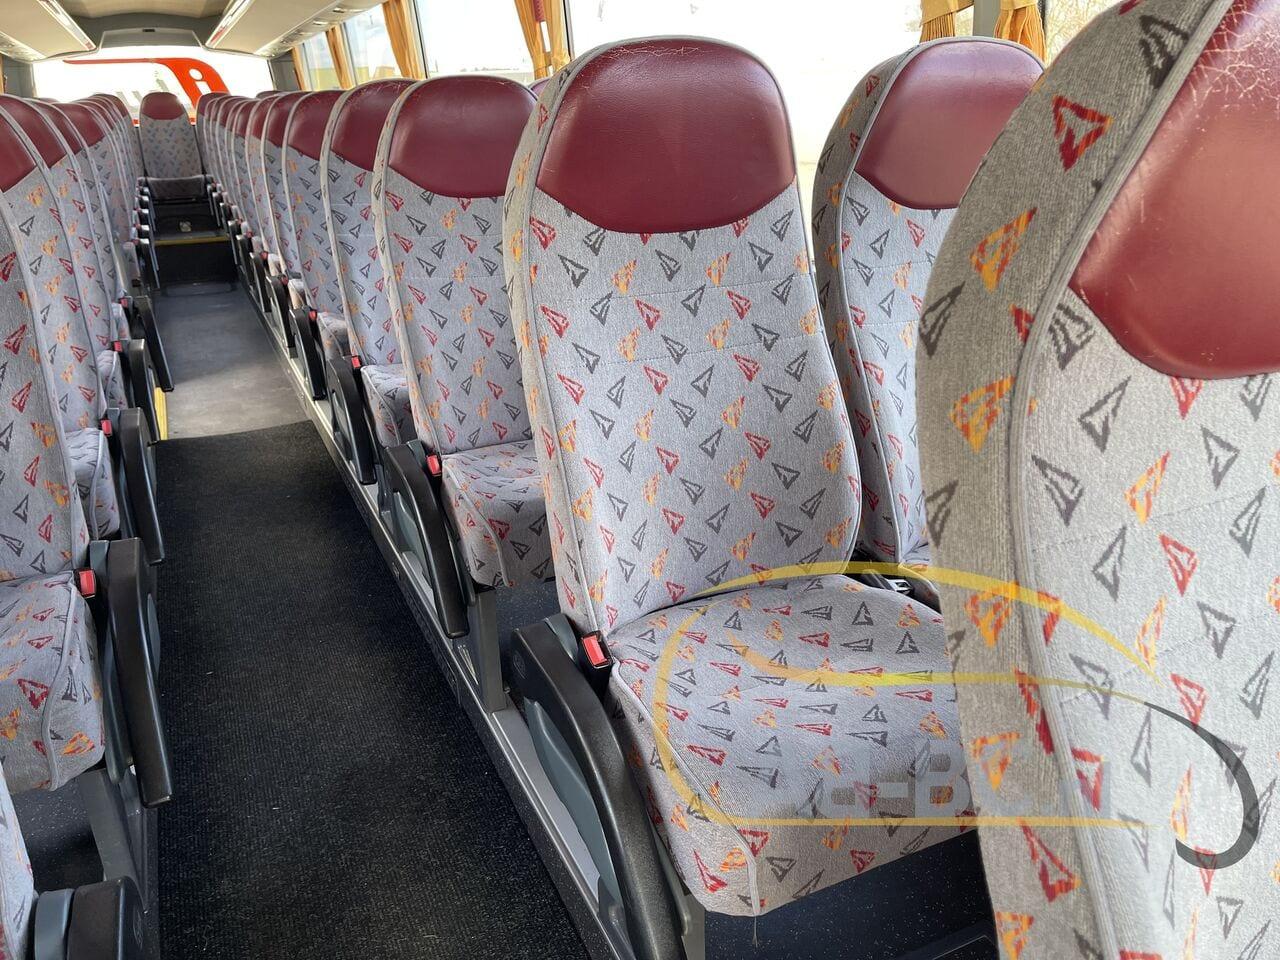 coach-busTEMSA-Safari-RD-53-Seats-DAF-Motor-12-mtr---1616166774276548525_big_63a4d0b9c34b8c786586ec30b65f330d--21031917053743807500